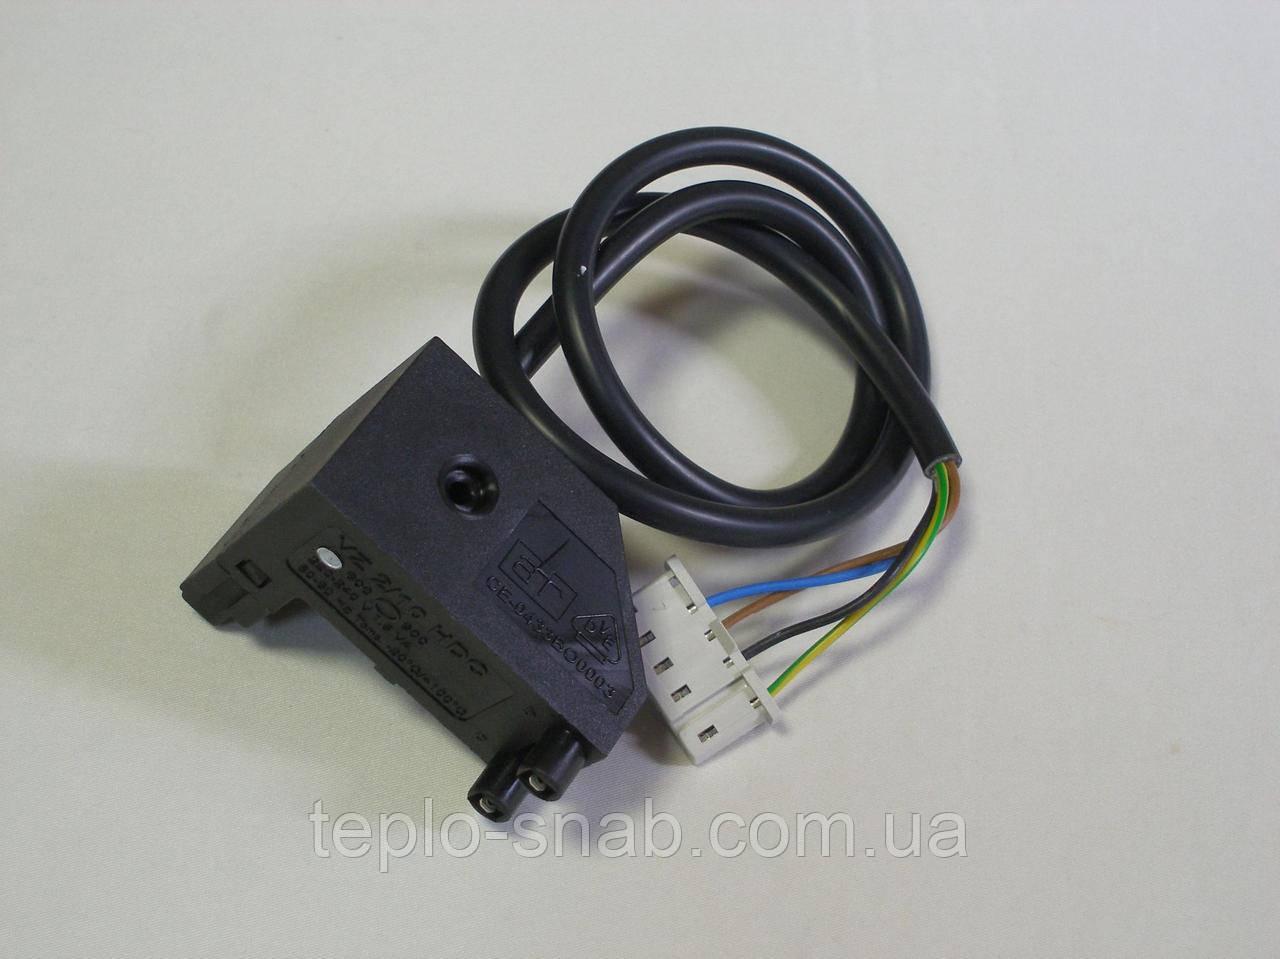 Трансформатор розжига для газового клапана Honeywell. Котлов торговой марки Baxi/Westen. 8510910